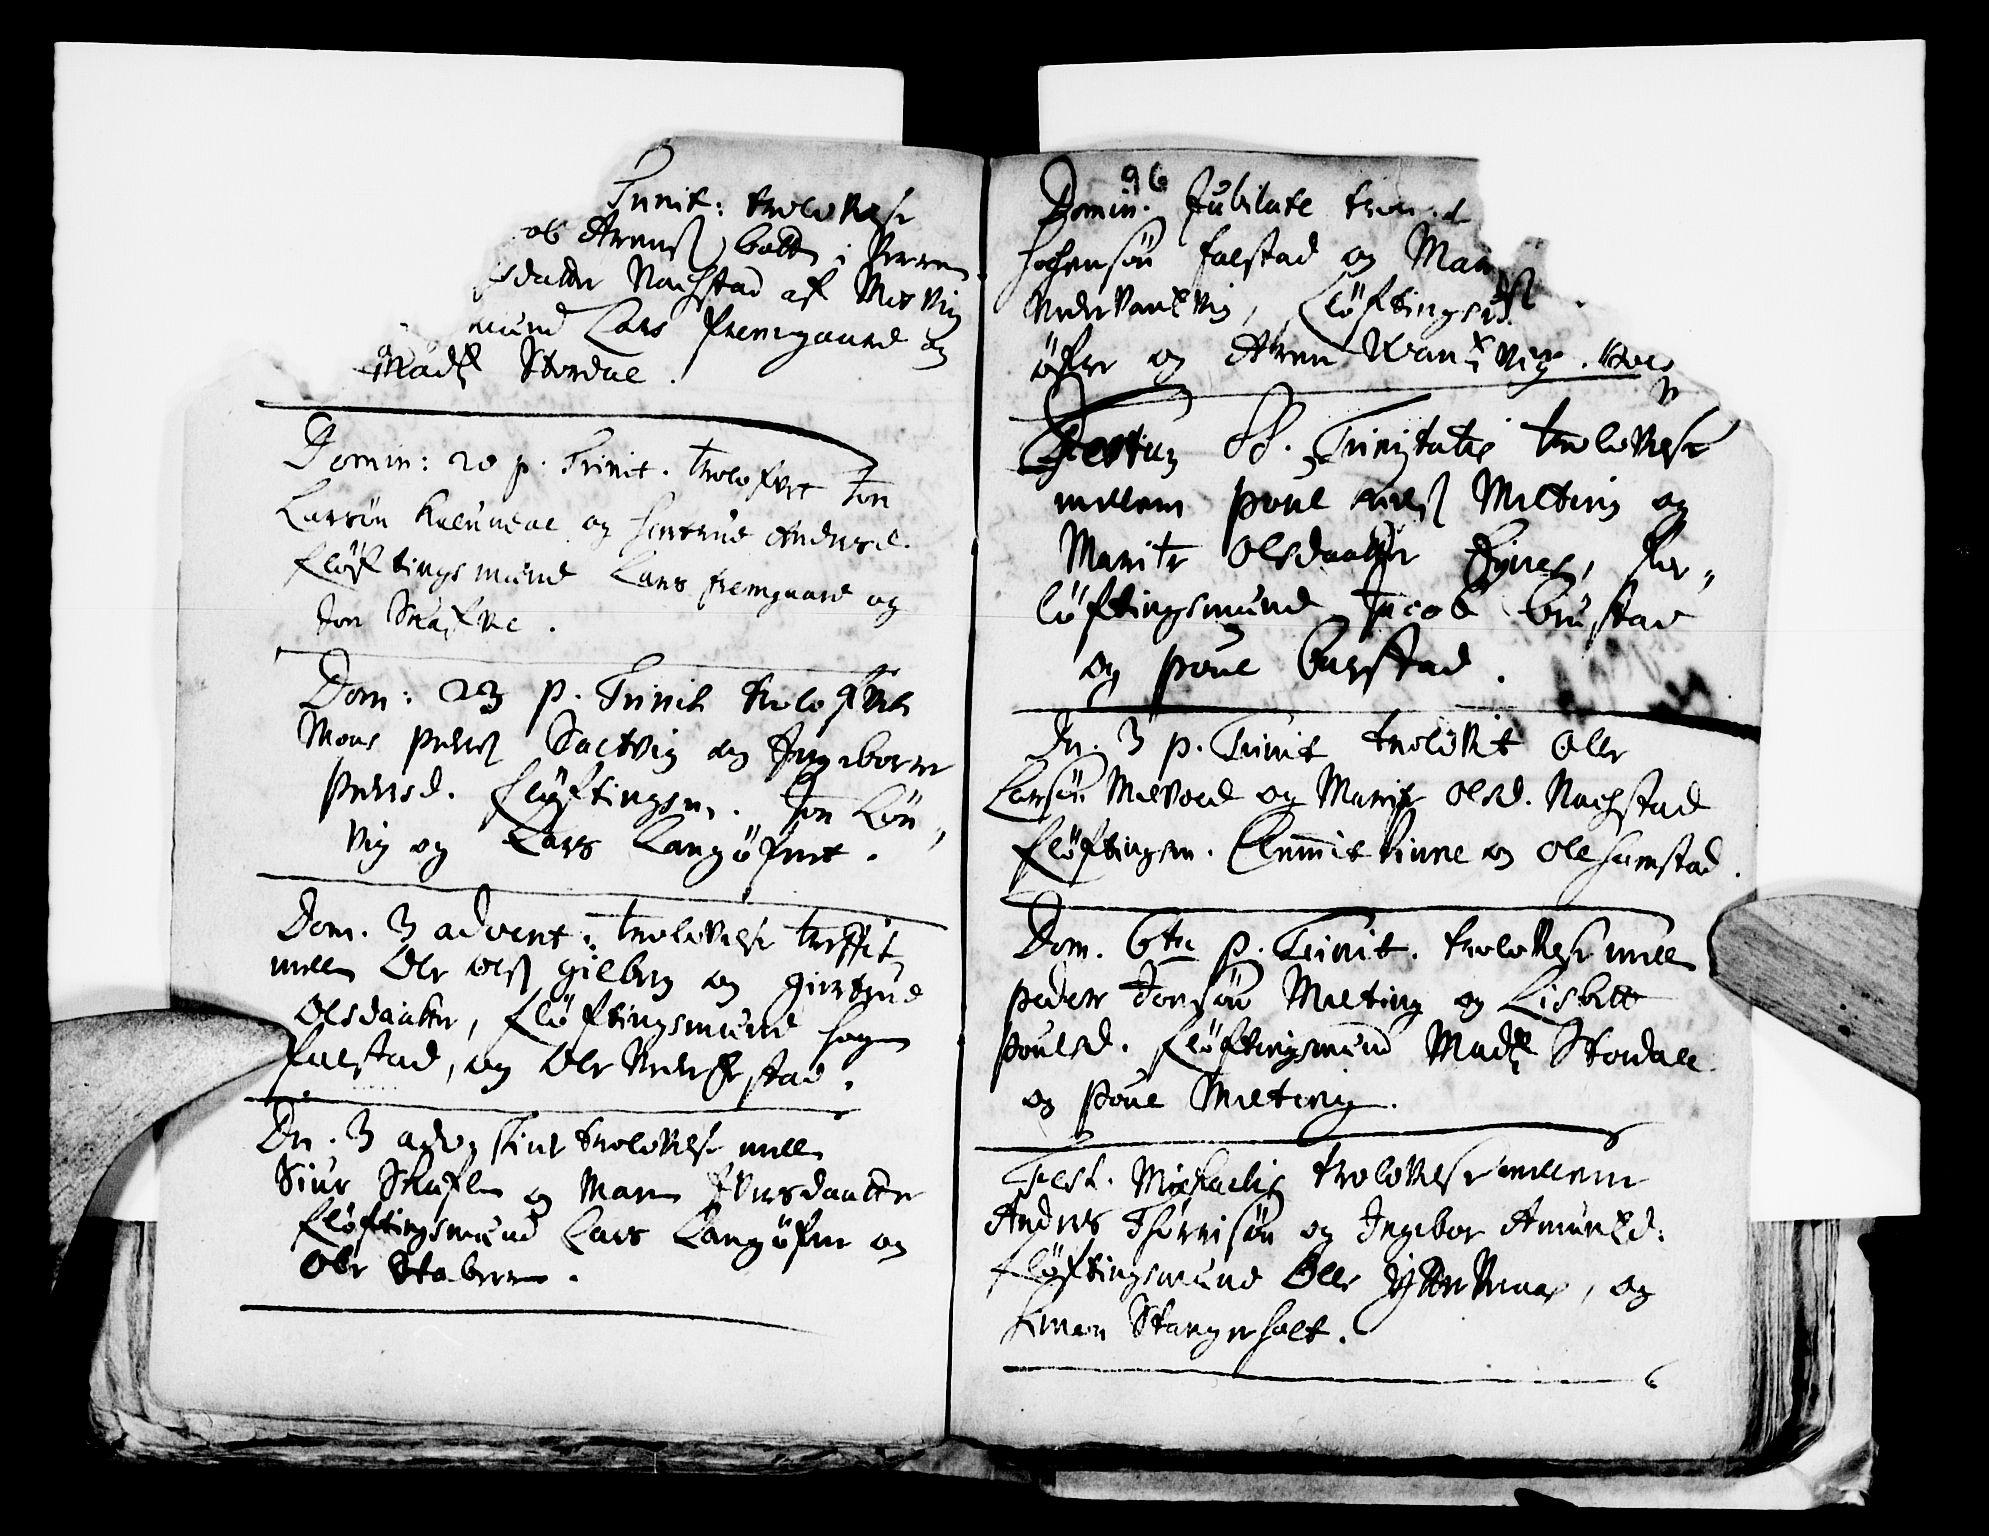 SAT, Ministerialprotokoller, klokkerbøker og fødselsregistre - Nord-Trøndelag, 722/L0214: Ministerialbok nr. 722A01, 1692-1718, s. 96